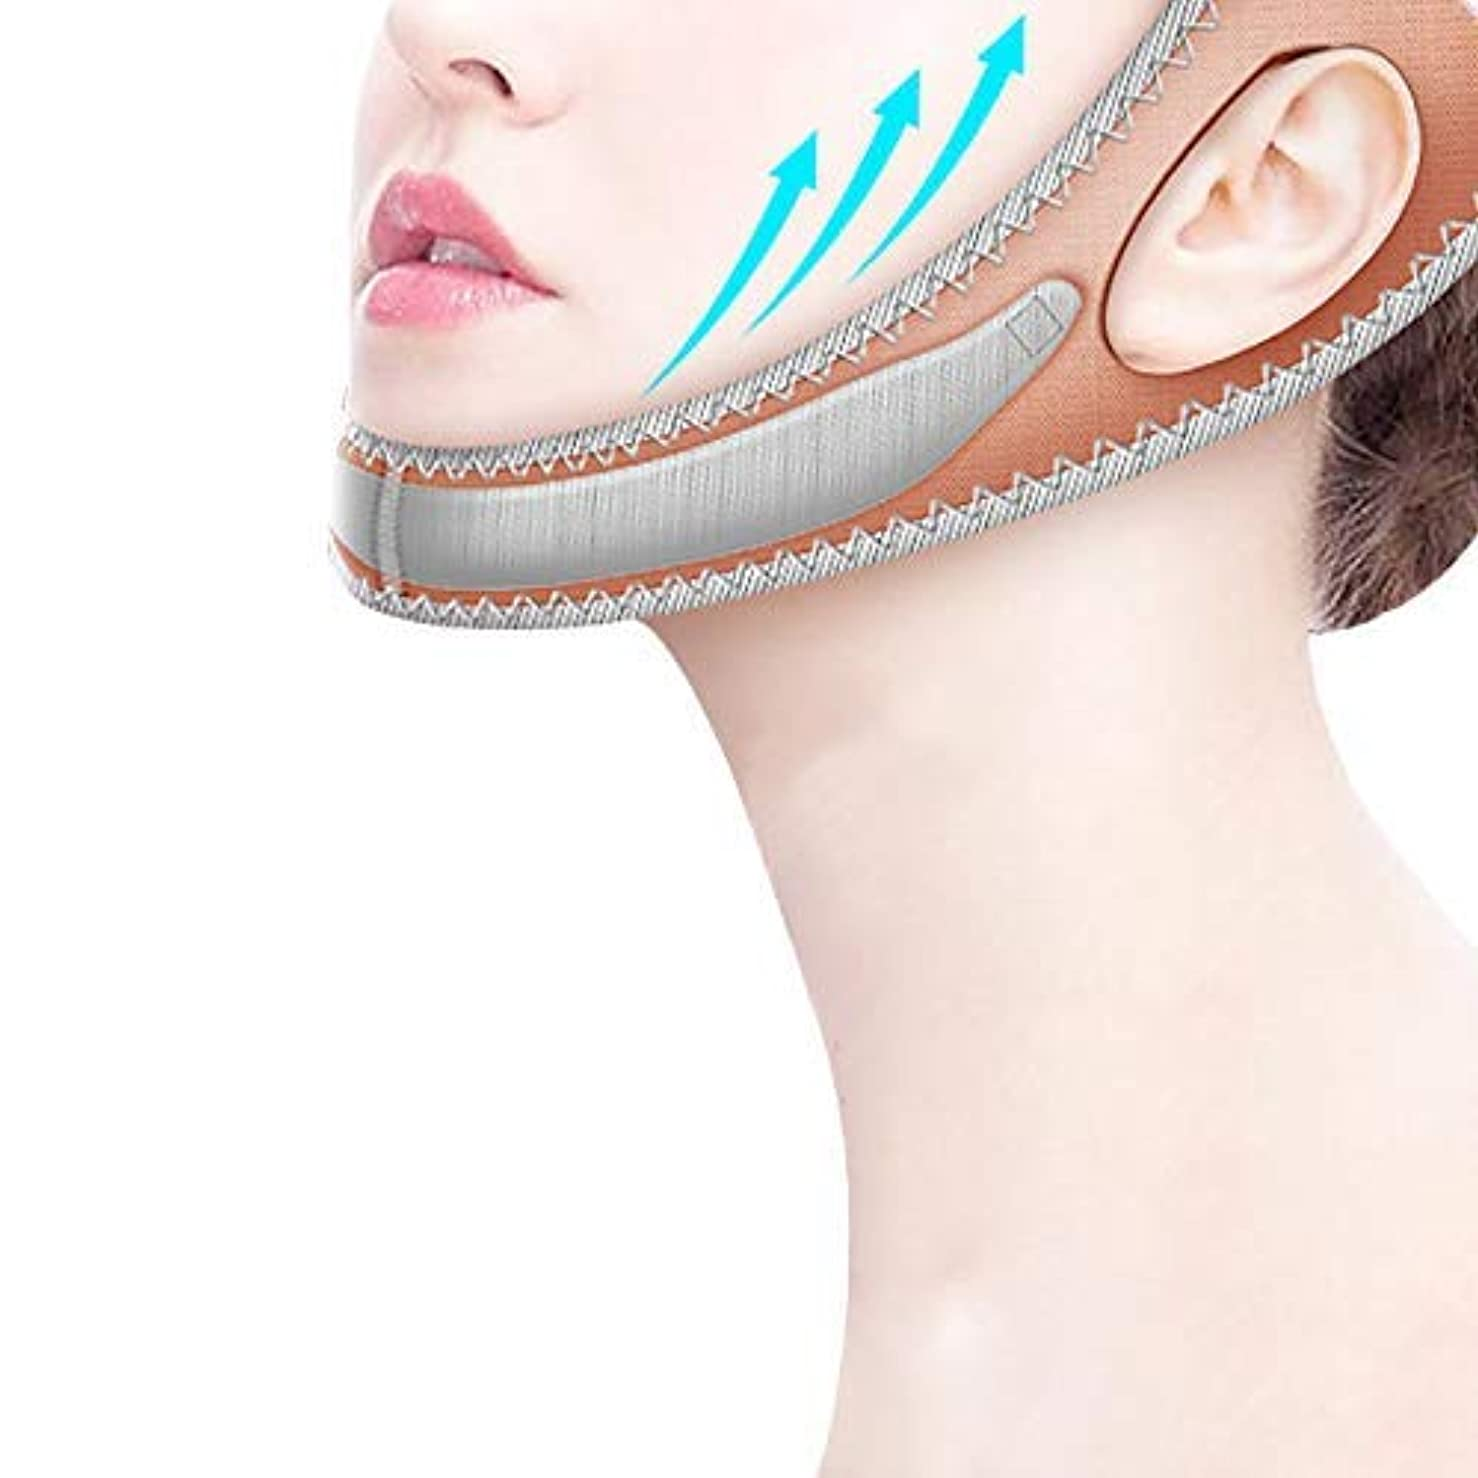 負グリップ強調する二重あごのプラスチック顔のアーティファクトの器械の美顔術のマッサージャーの近くで持ち上がる小さいVの表面の器械の包帯のマスクとの睡眠